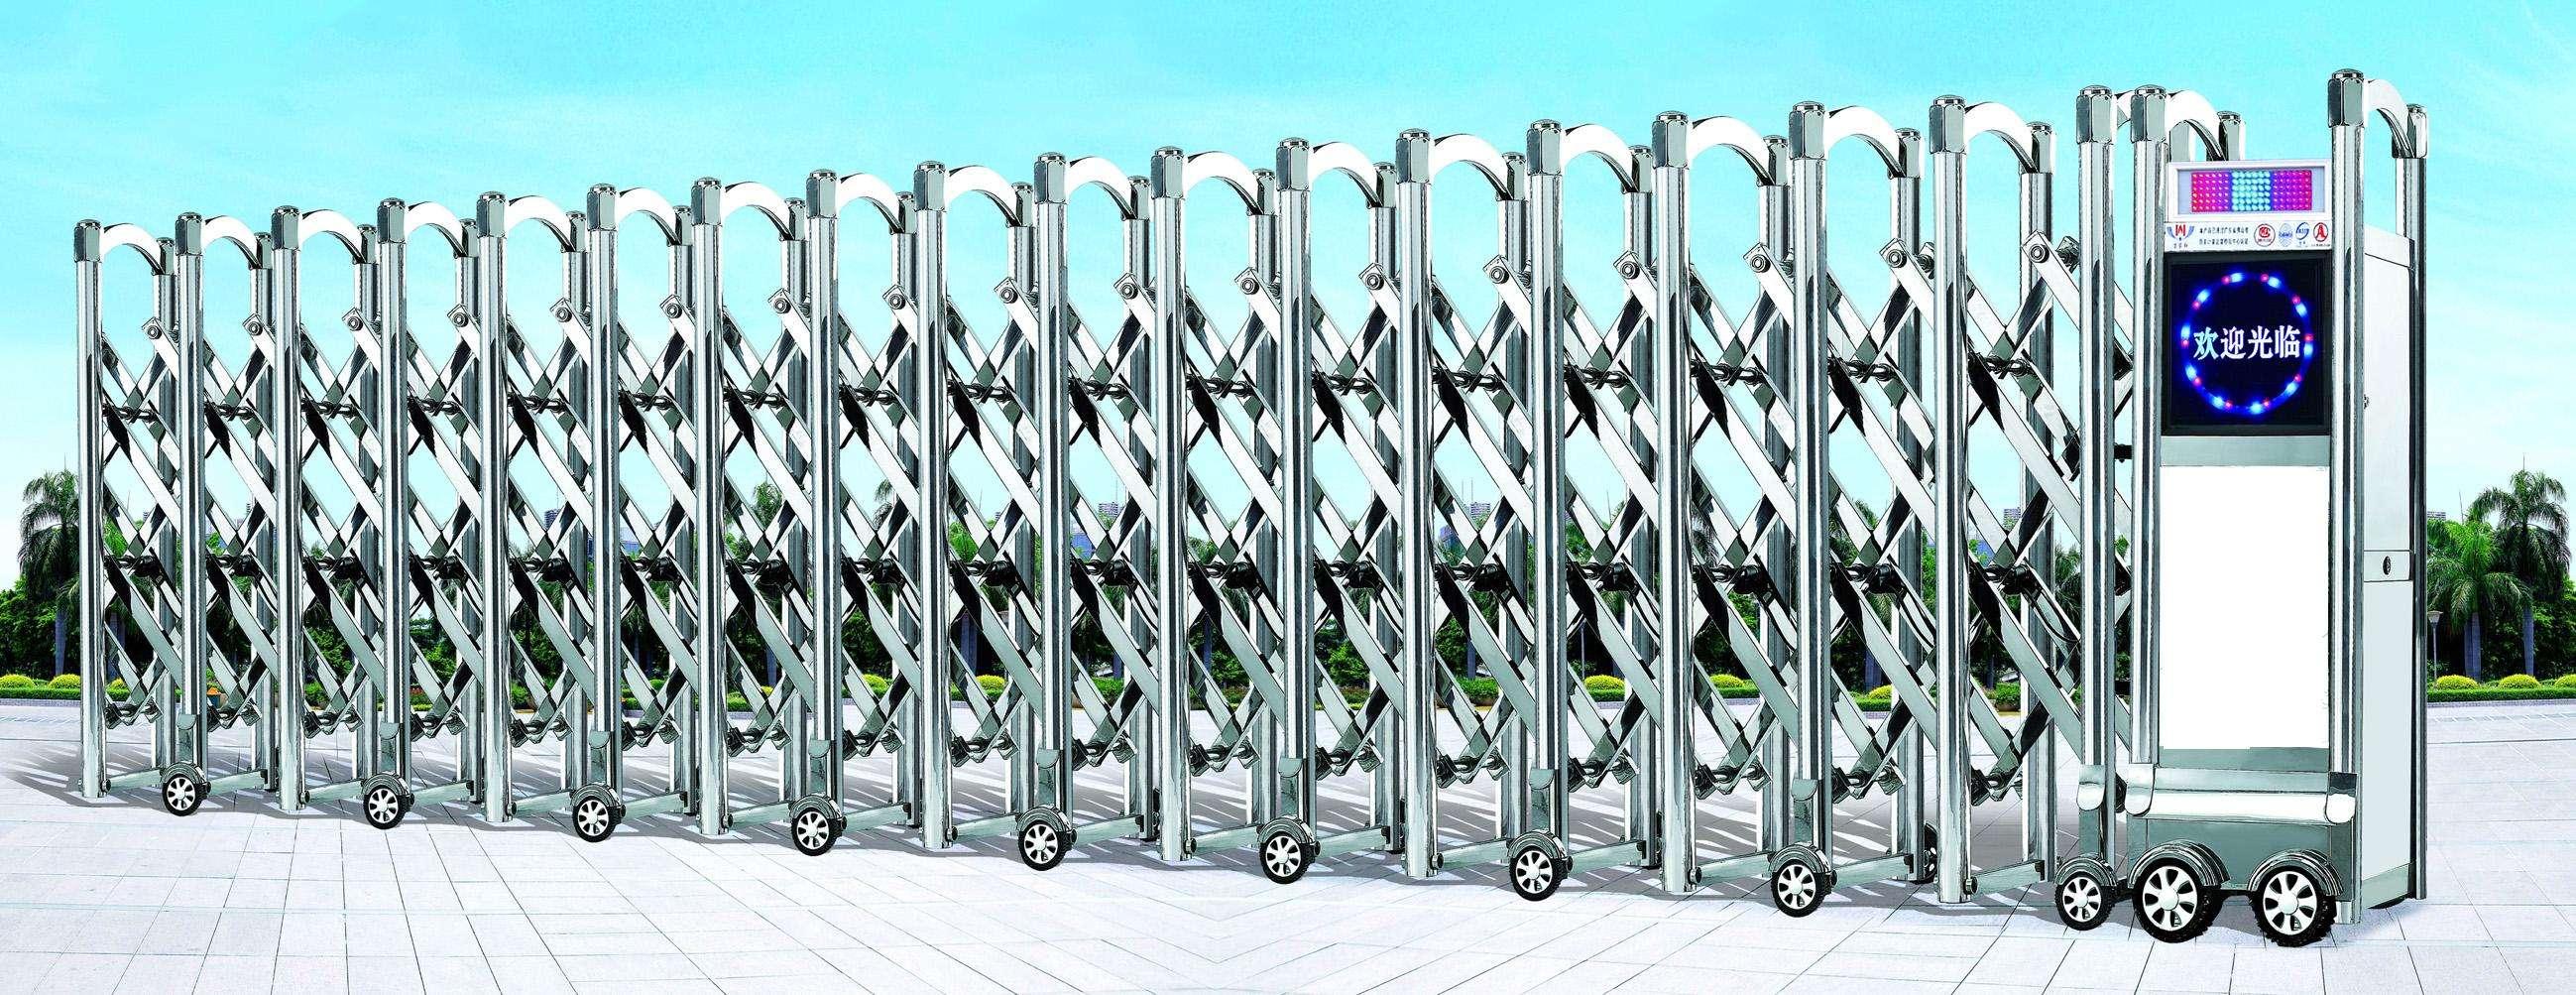 电动伸缩门价格-哪里可以买到电动伸缩门